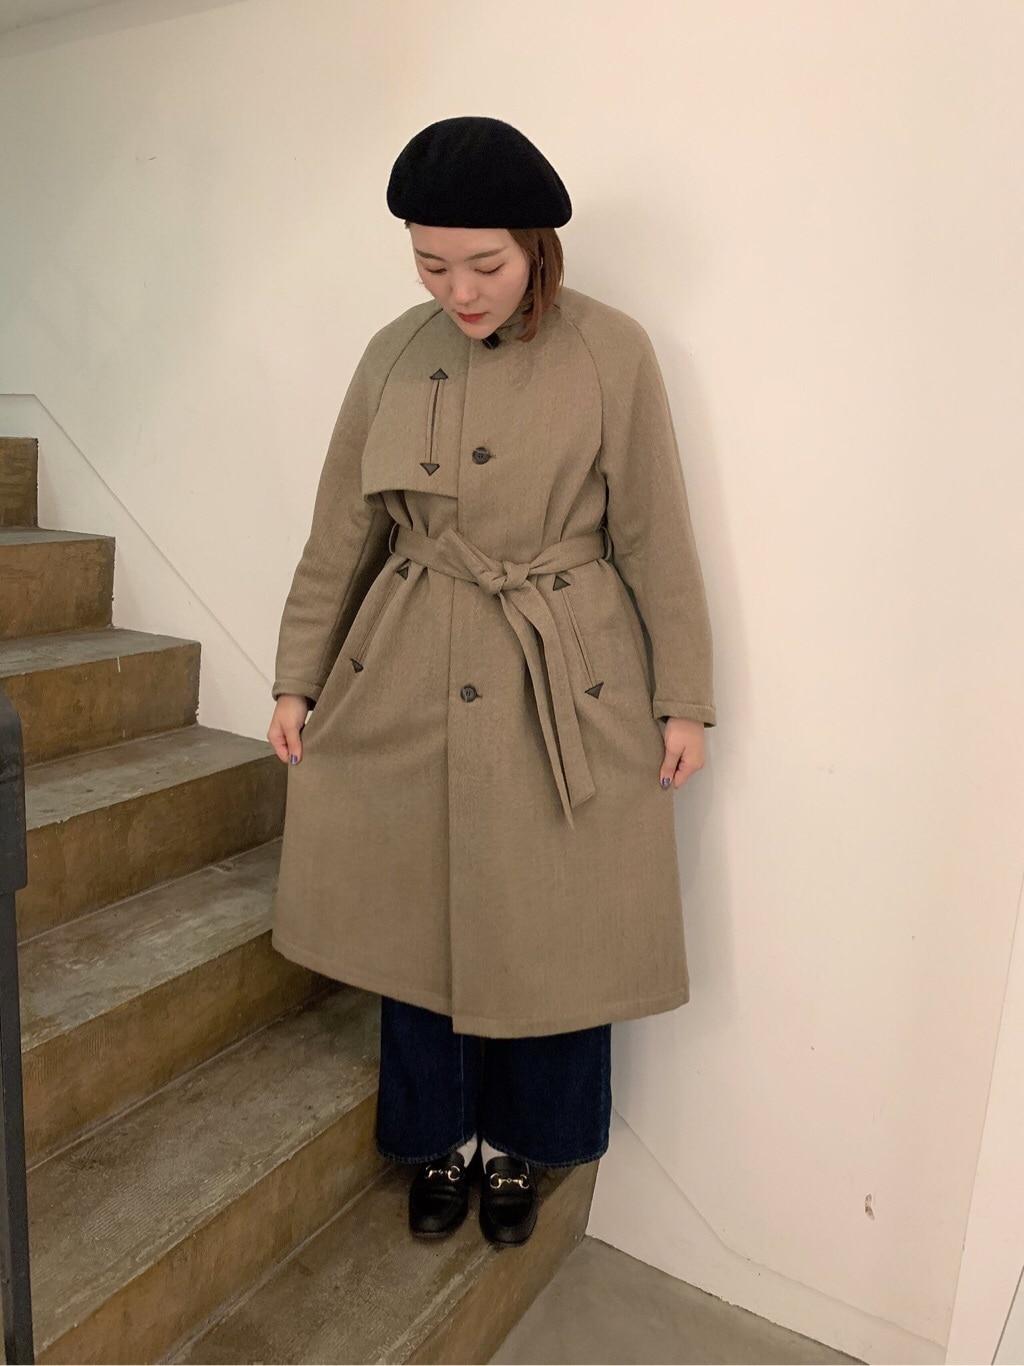 l'atelier du savon 京都路面 身長:166cm 2019.11.20